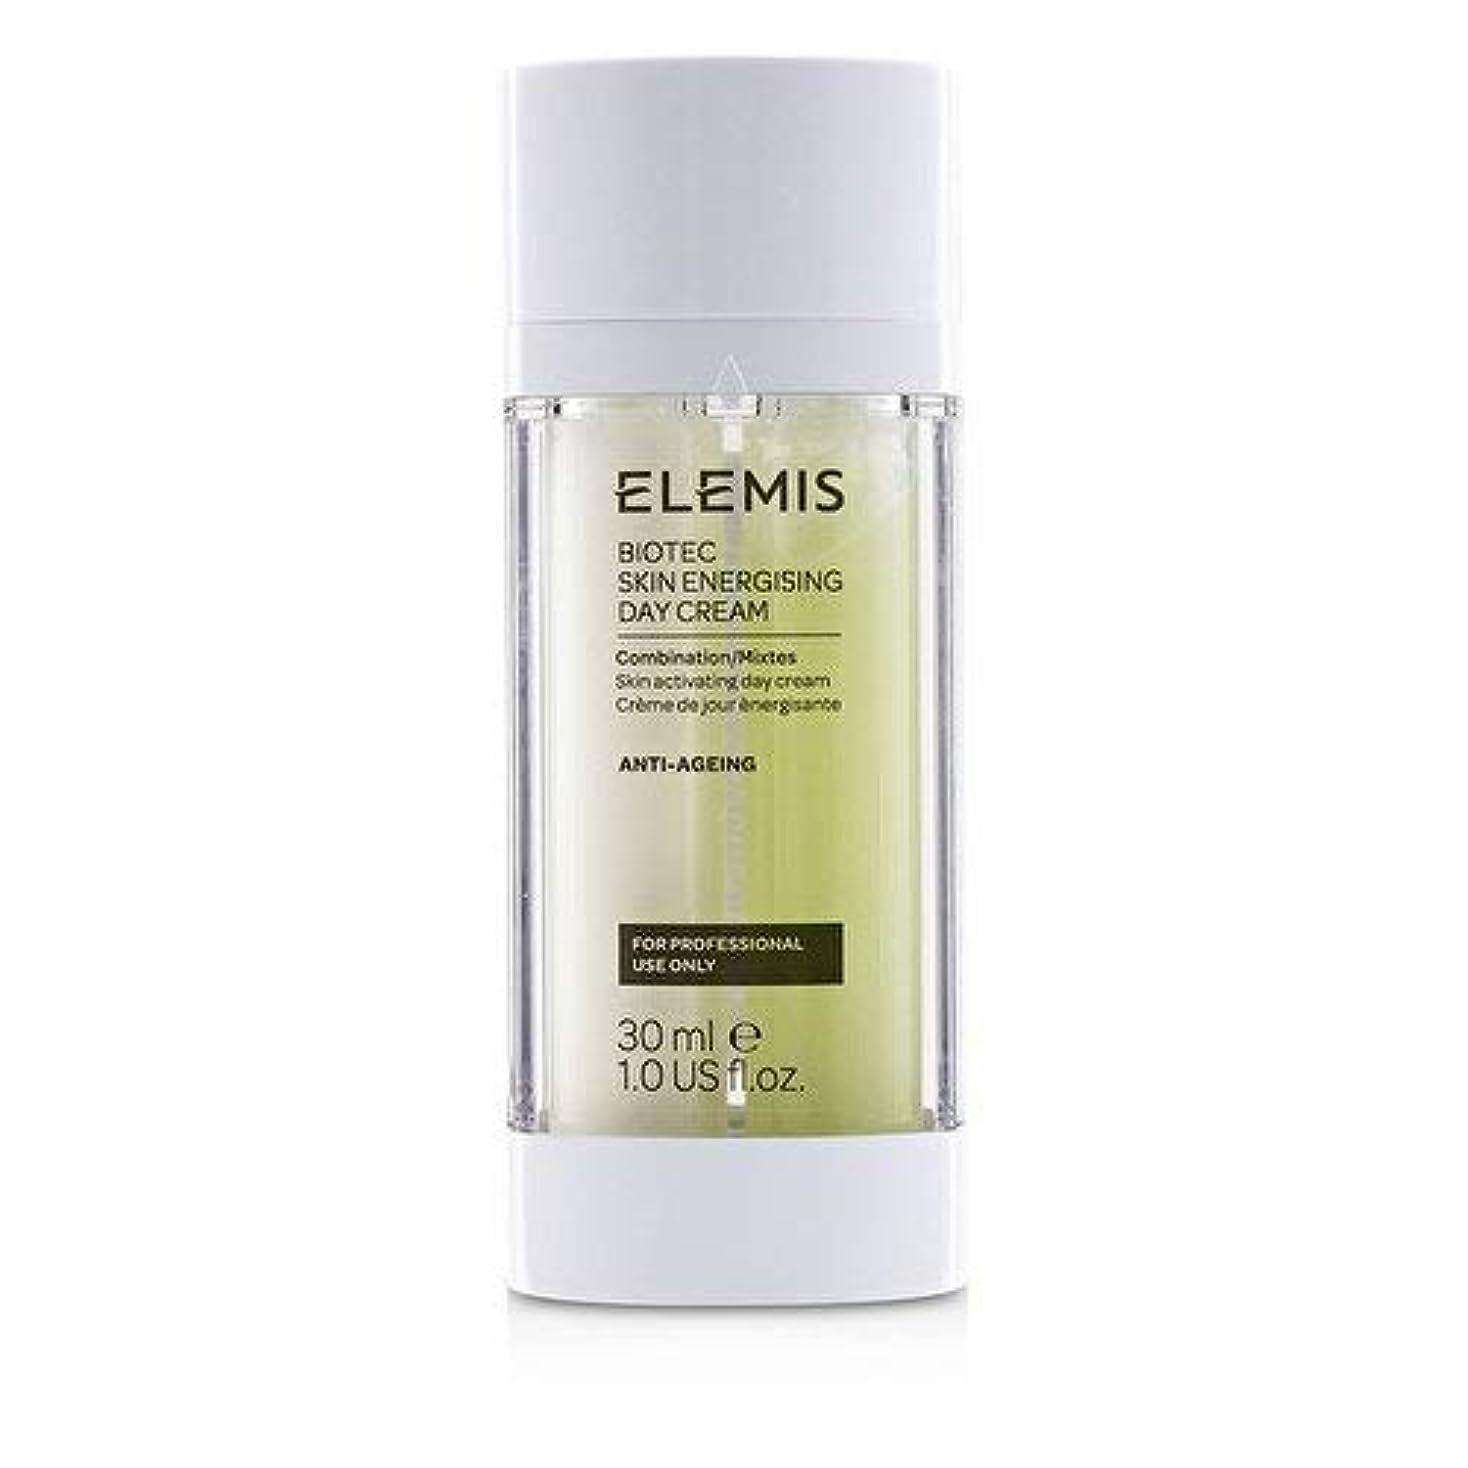 凝視啓発する周囲エレミス BIOTEC Skin Energising Day Cream - Combination (Salon Product) 30ml/1oz並行輸入品